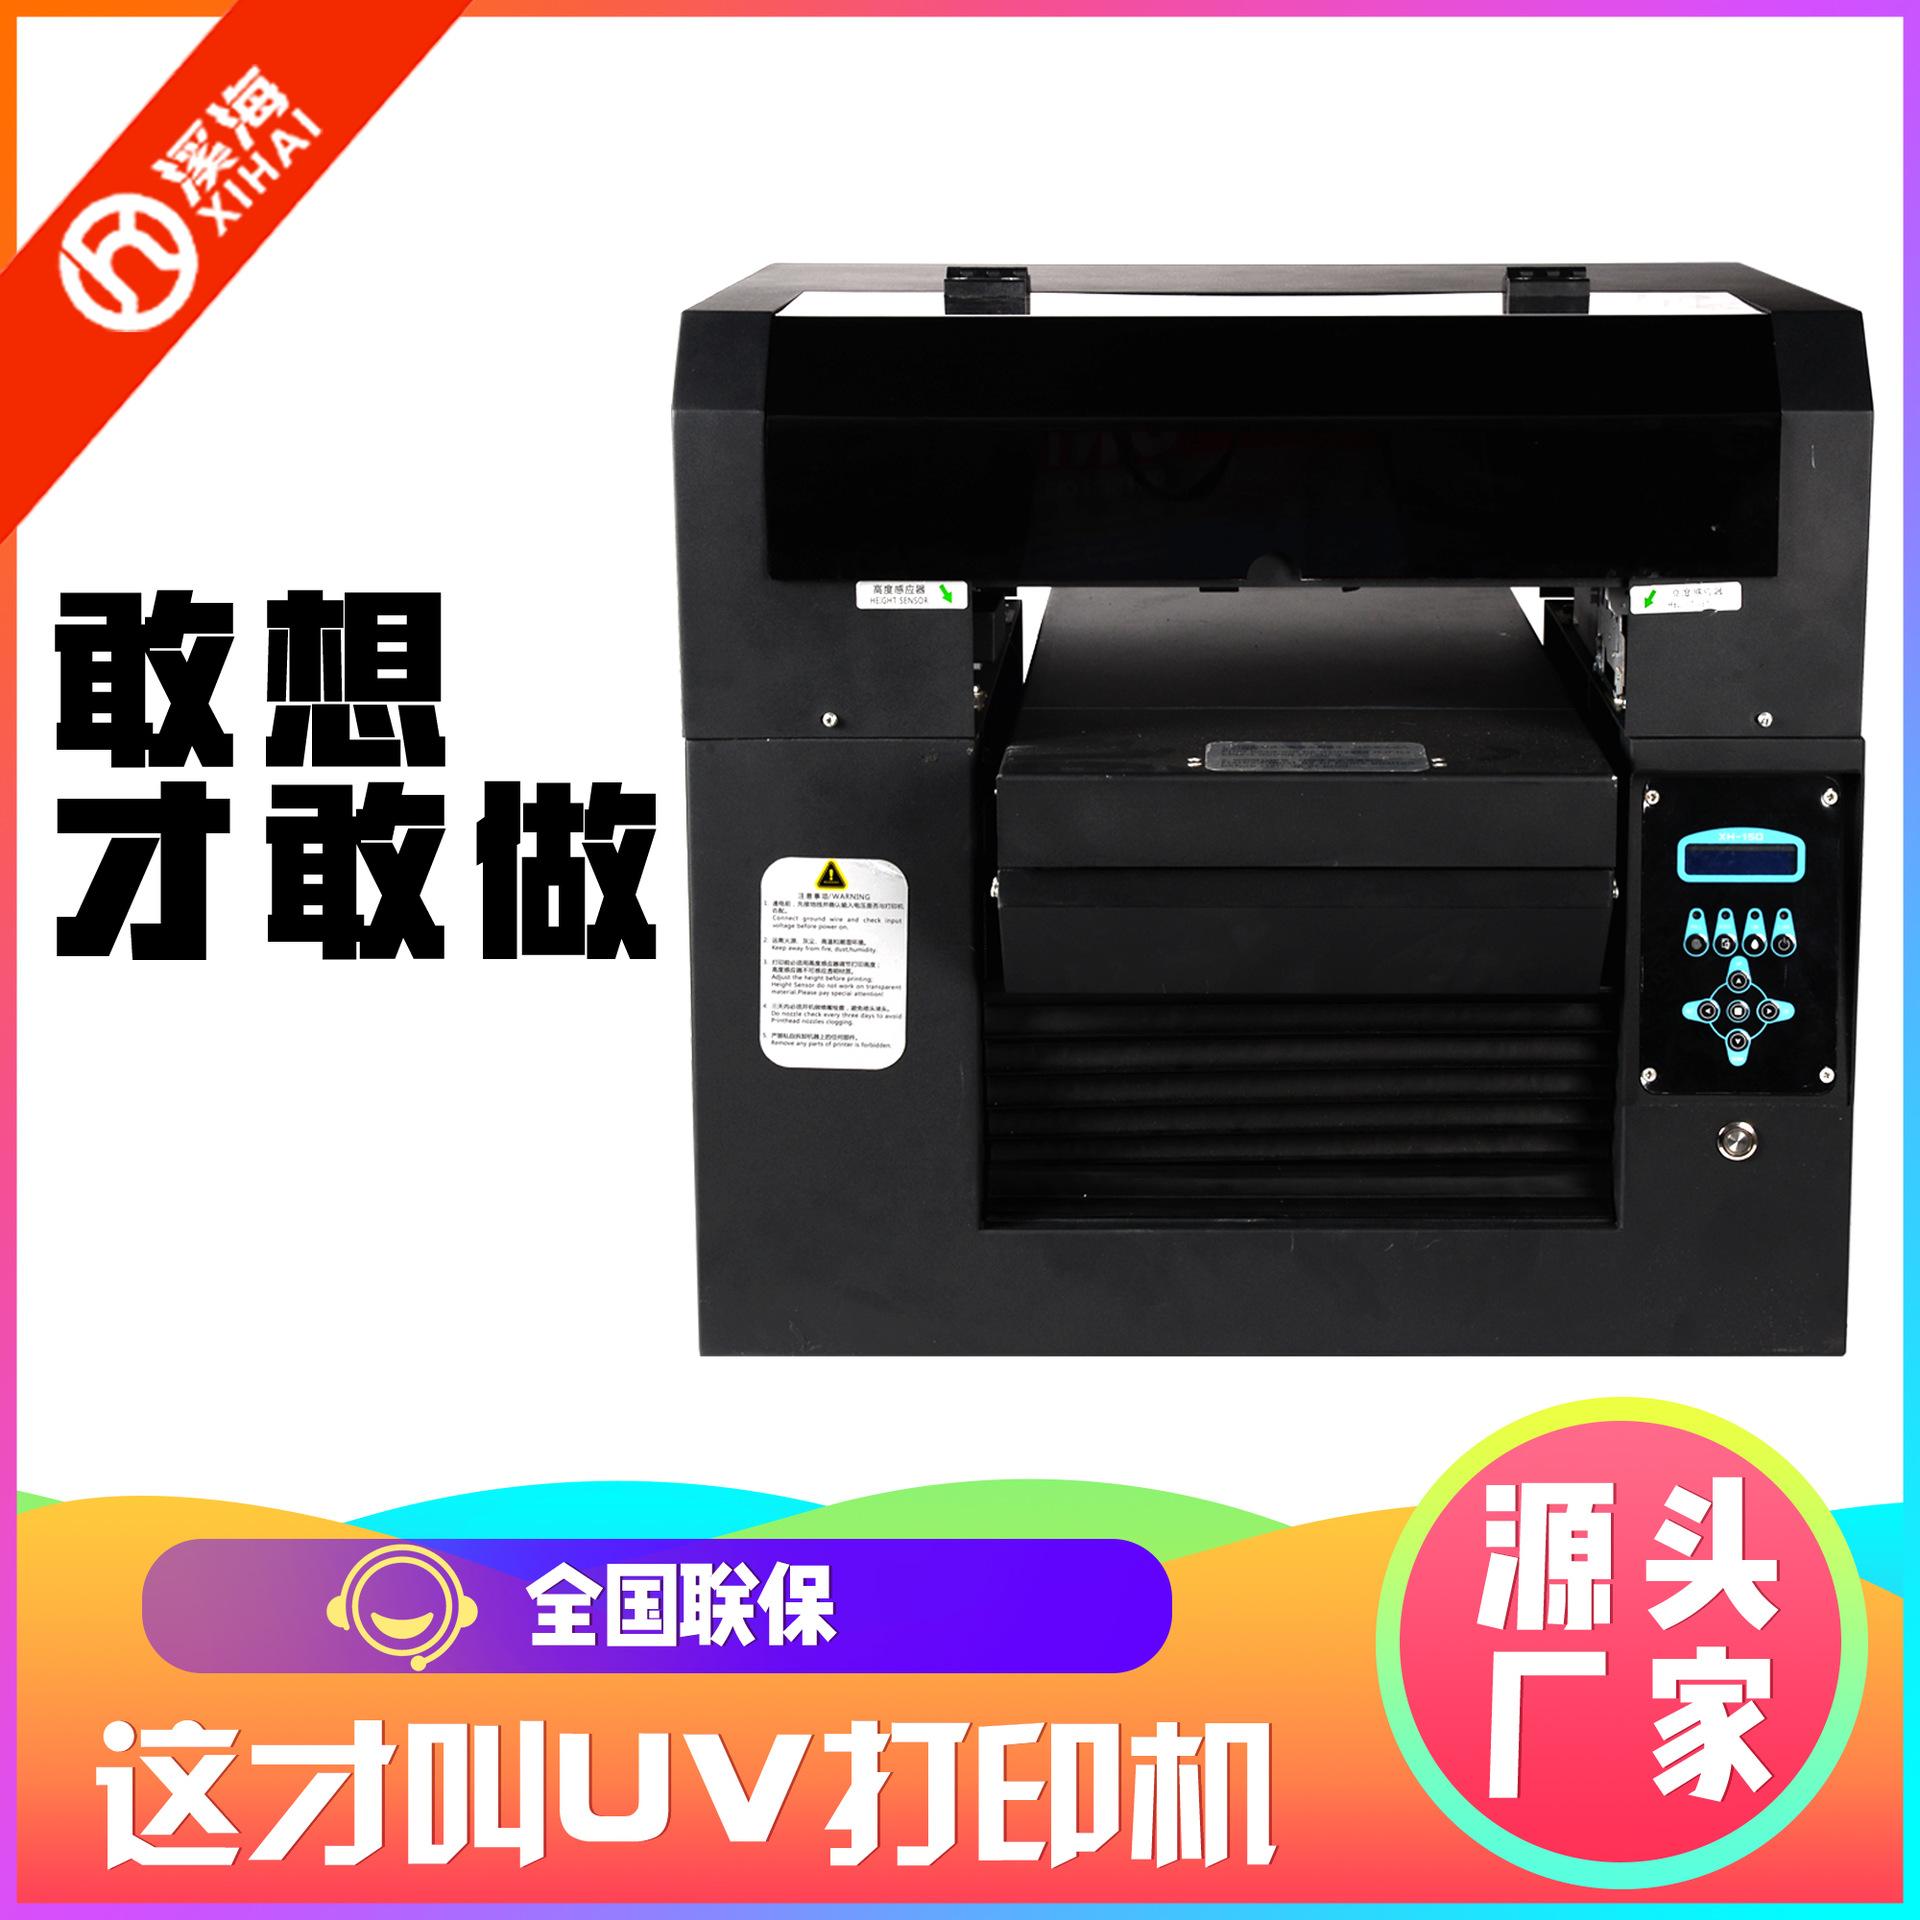 四川 t恤印花機服裝數碼印花機夏季創業衣服小型直噴打印機